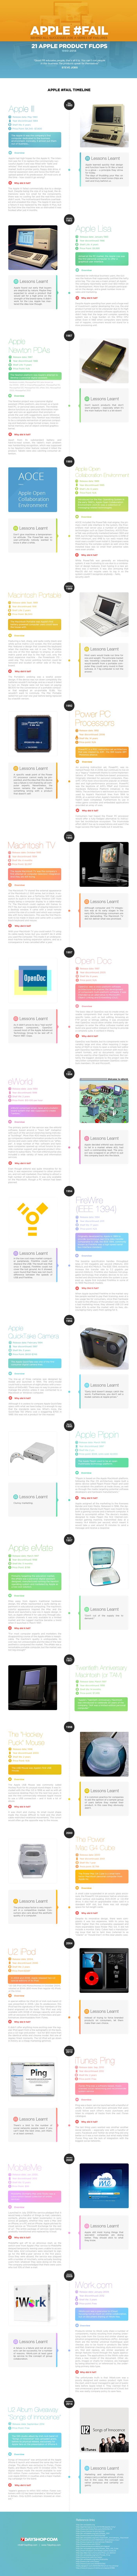 Apple esec succes infografic